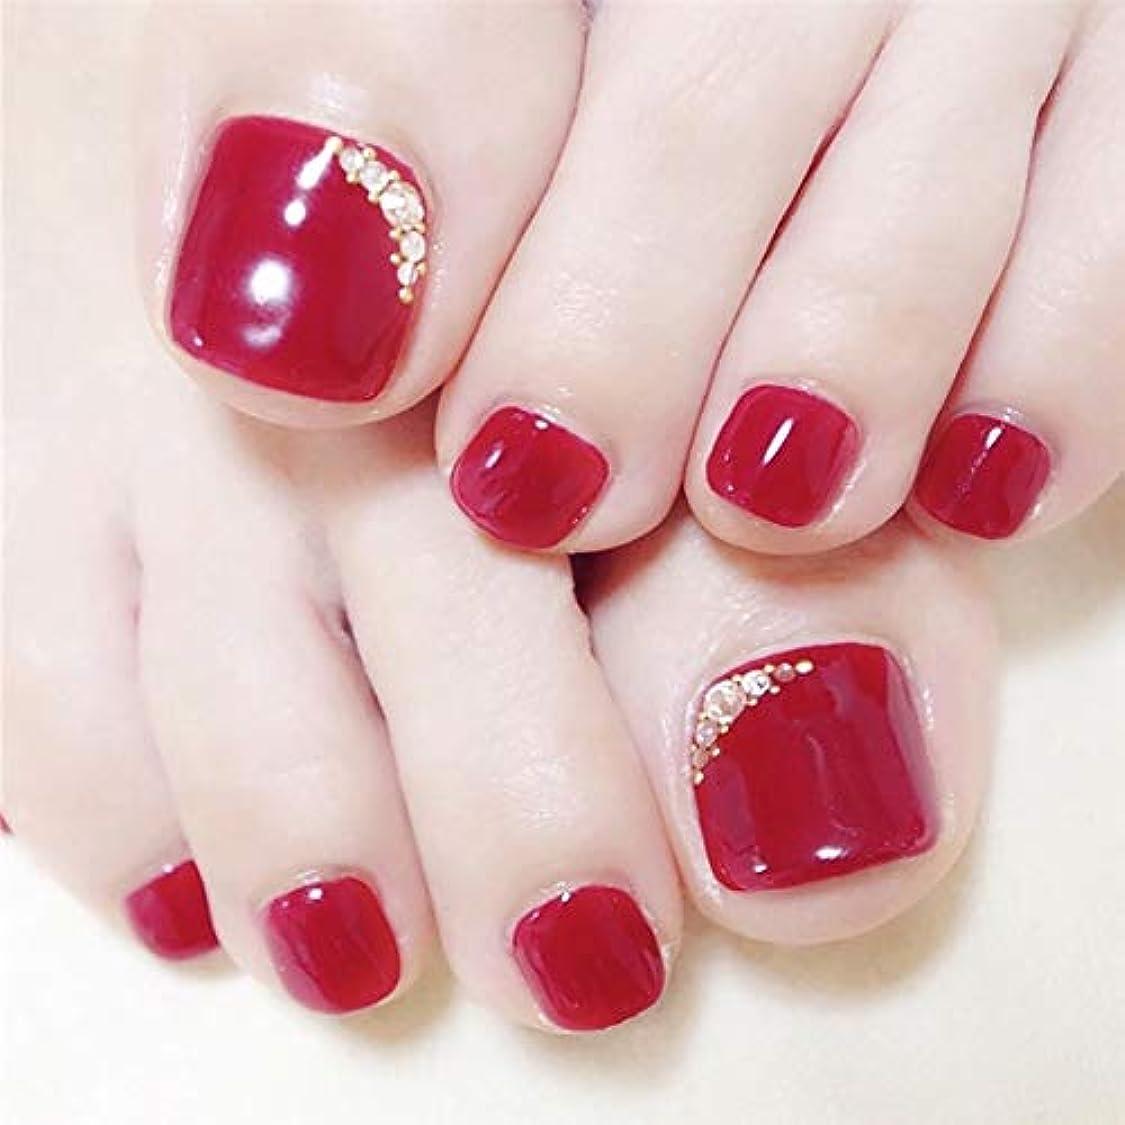 不良知覚的混合SIFASHION ネイル花嫁 ビーチ パーティー 足の爪のネイルチップ レッドフラッシュドリル 手作りネイルチップ 足指の爪